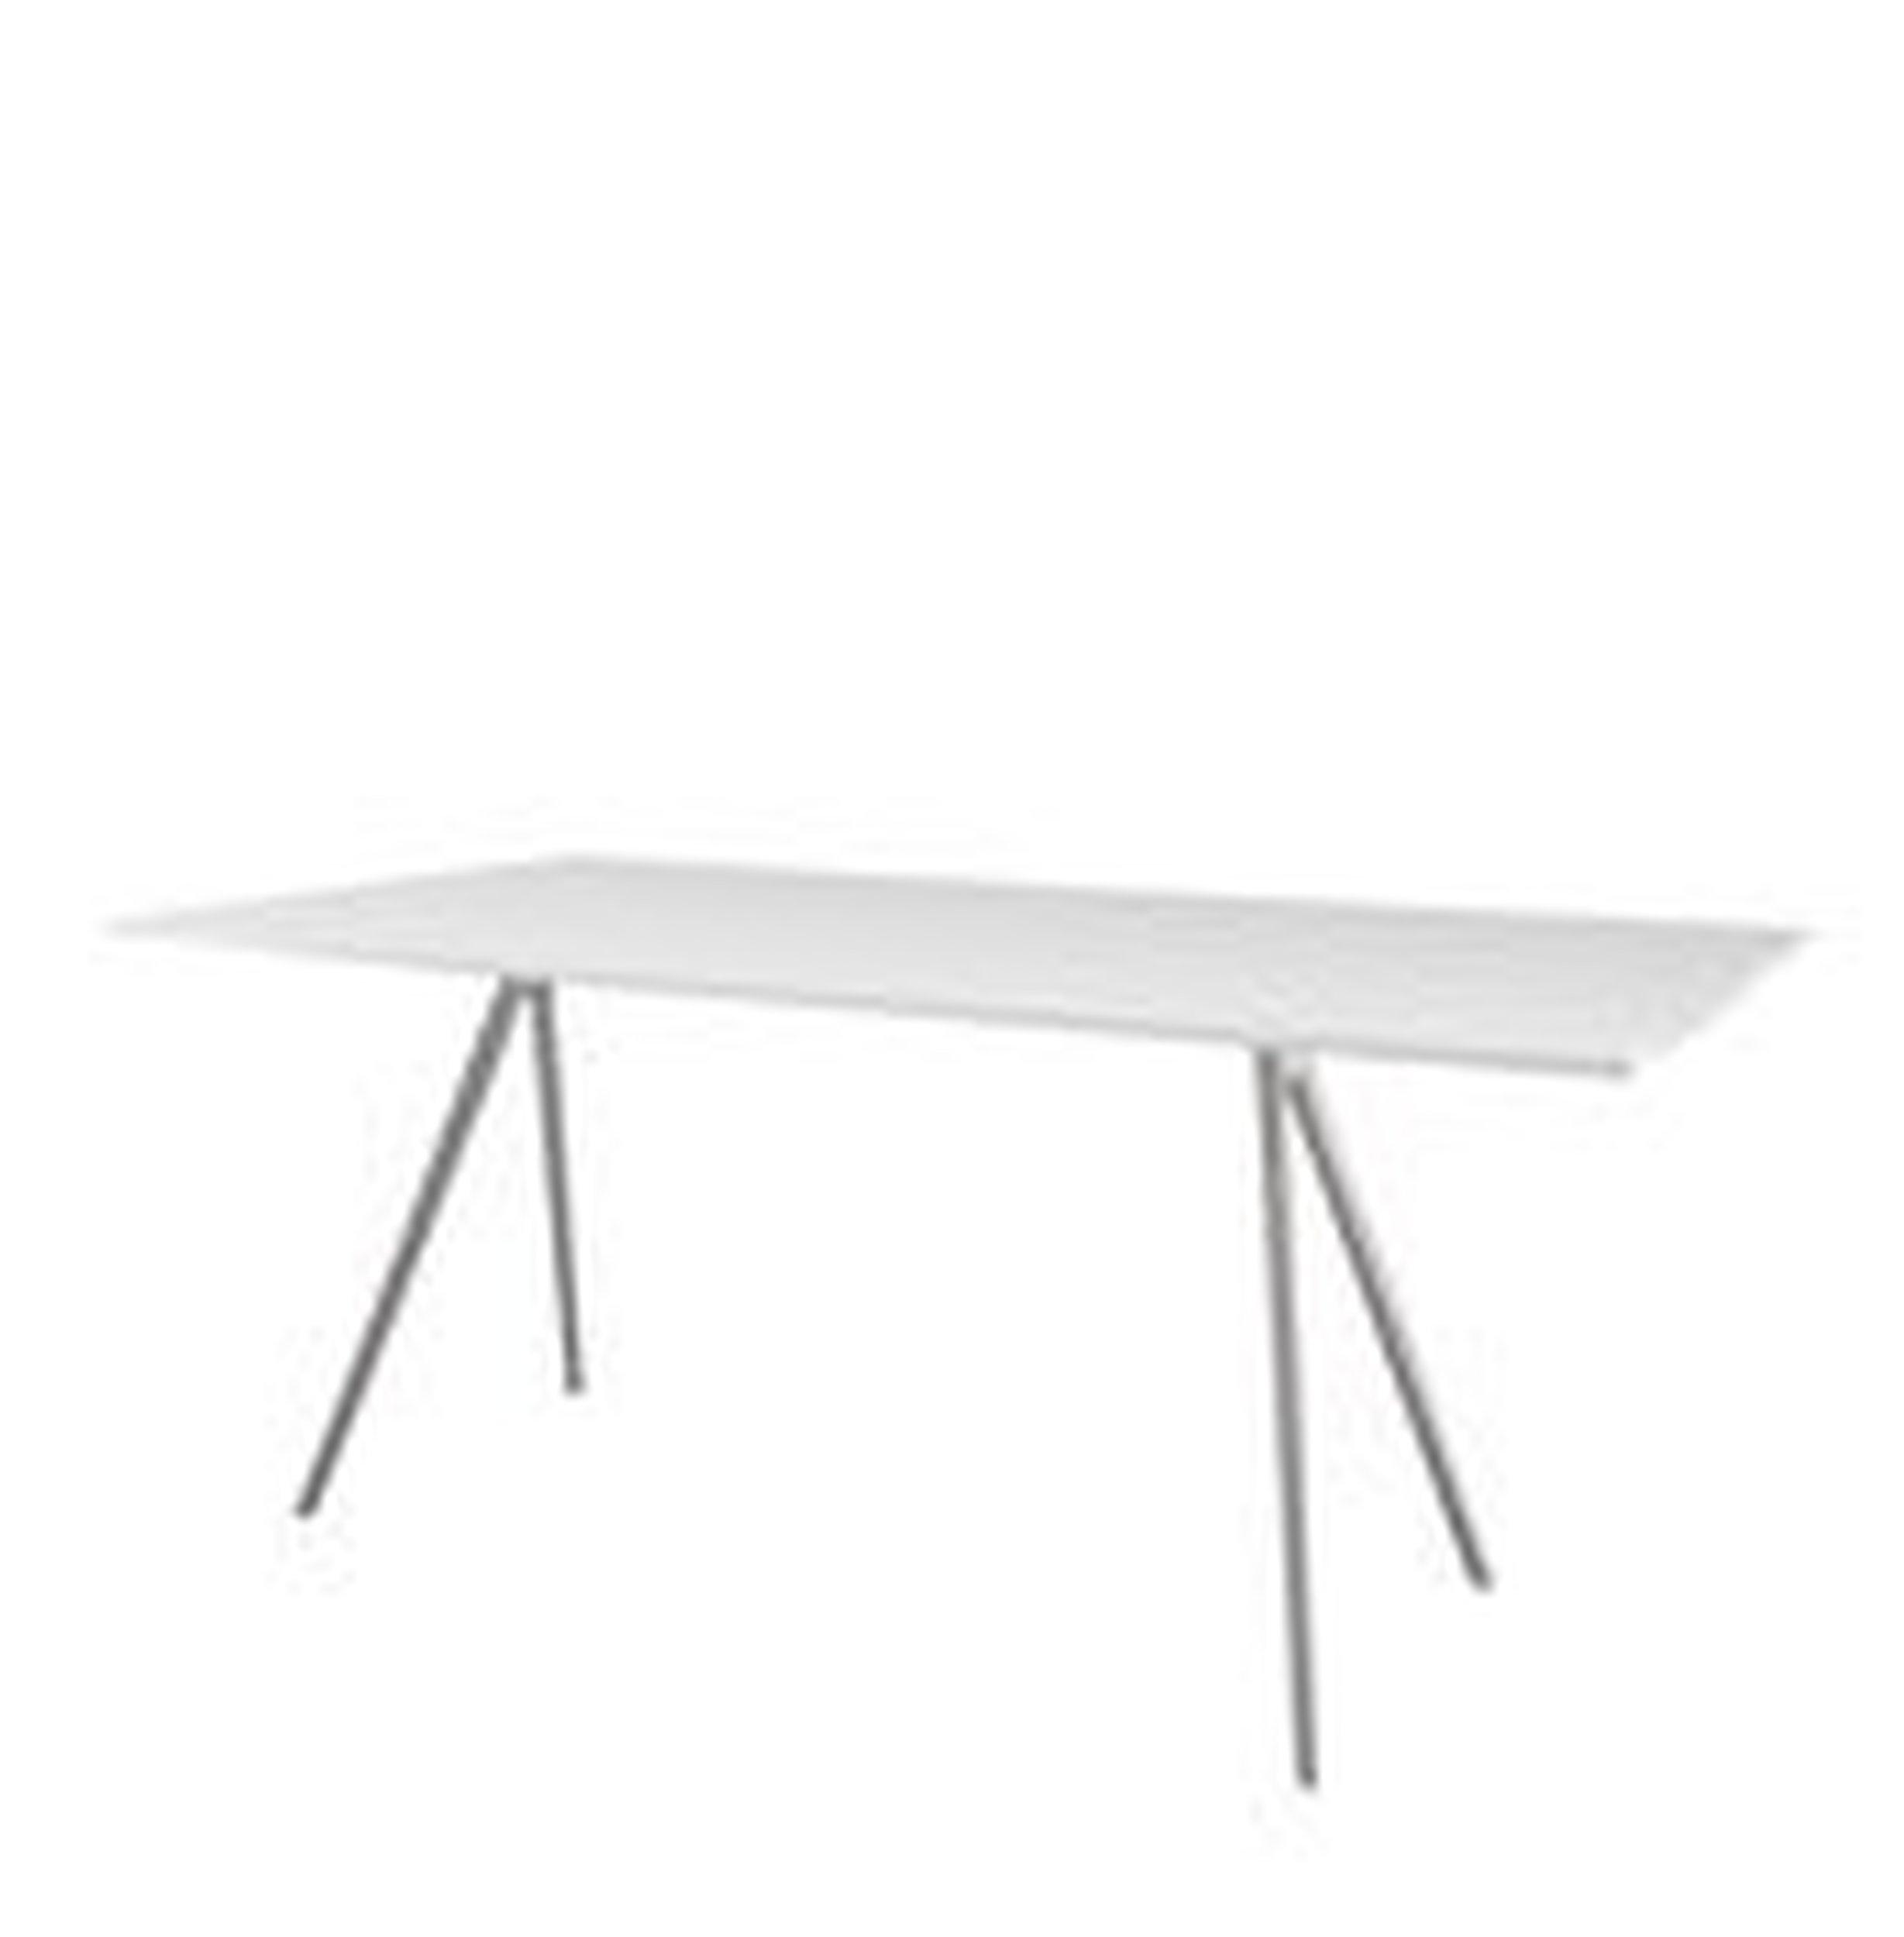 Stół Baguette 160 cm blat MDF biały rama polerowana - małe zdjęcie